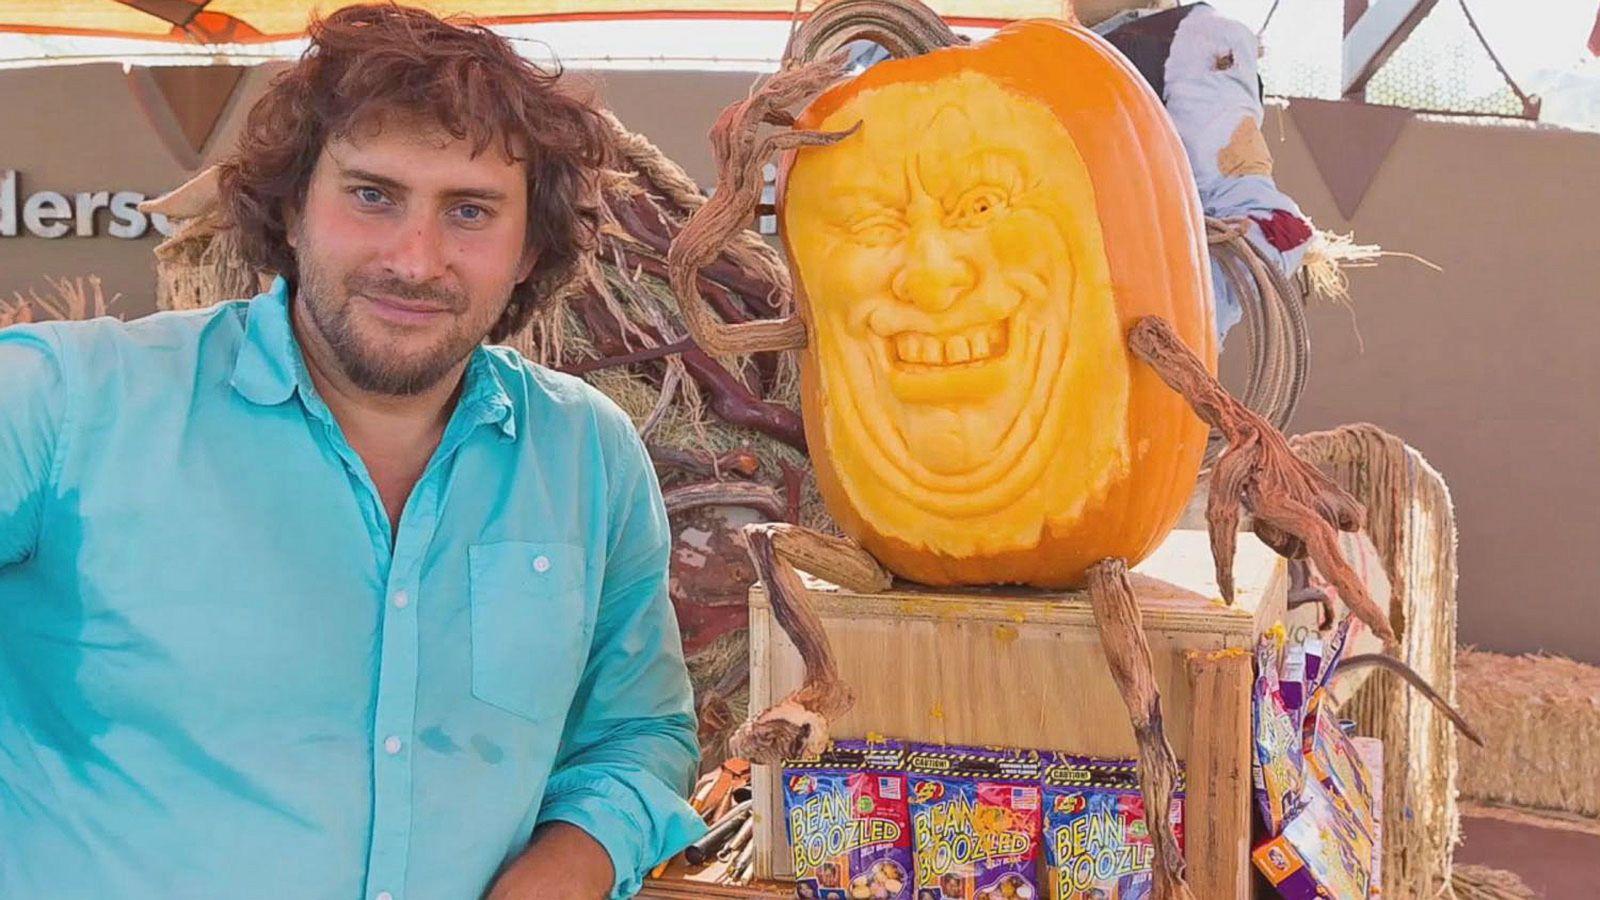 VIDEO: Pumpkin Carving Artists Create Halloween 'Enchanted Garden'